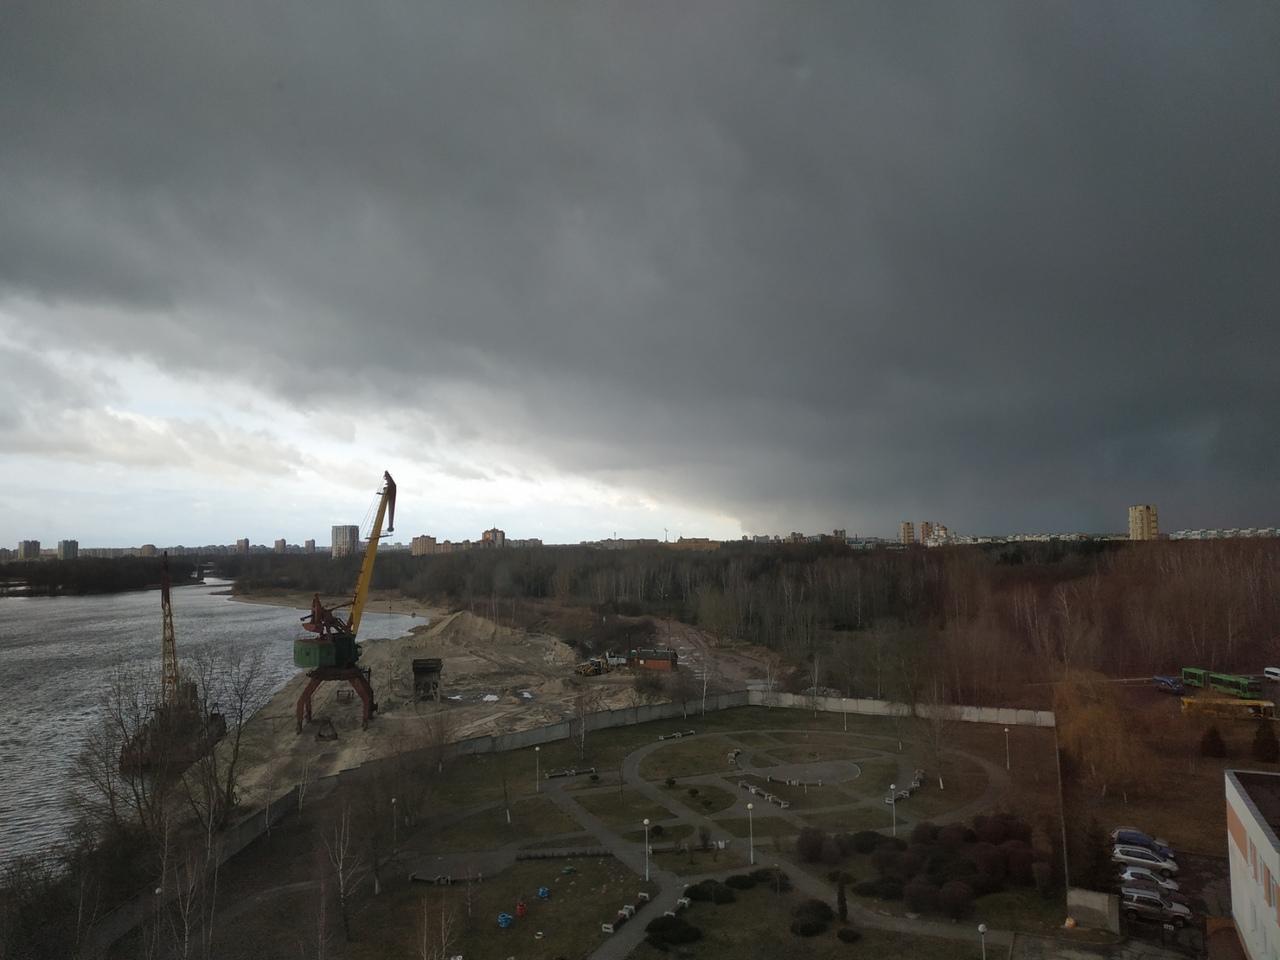 В Бресте гремел февральский гром, а потом пошёл небольшой град (а затем и снег)